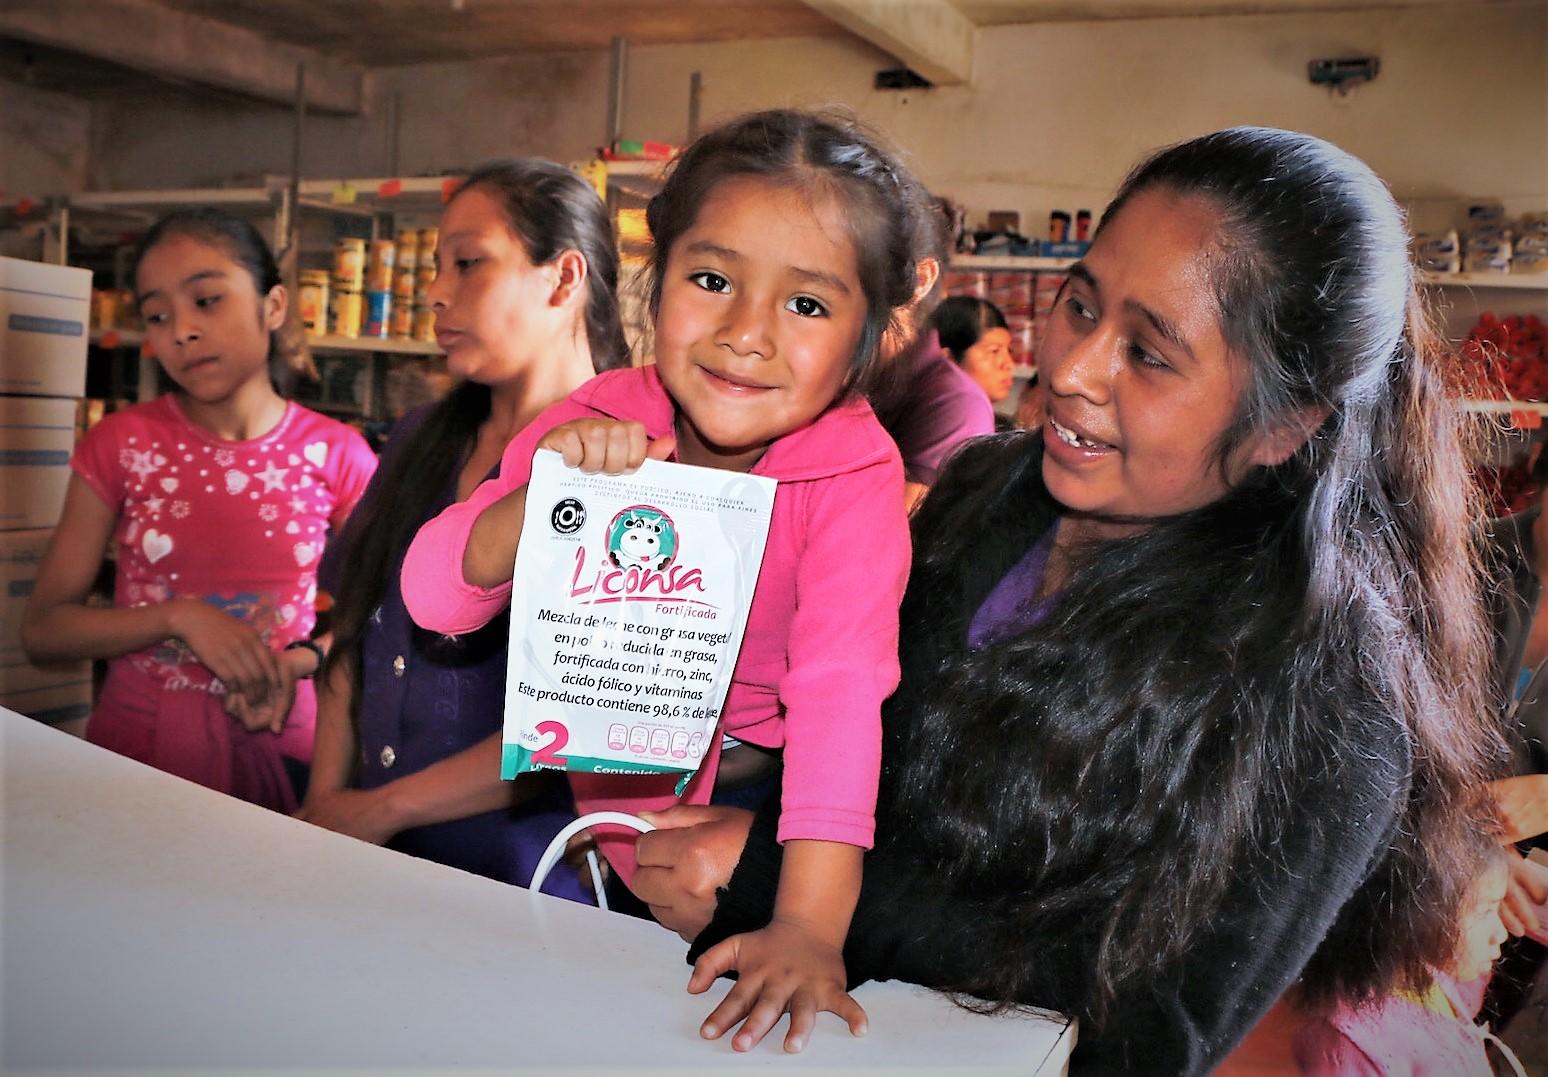 Mujer cargando a una niña sonriendo que trae un sobre de leche Liconsa en la mano